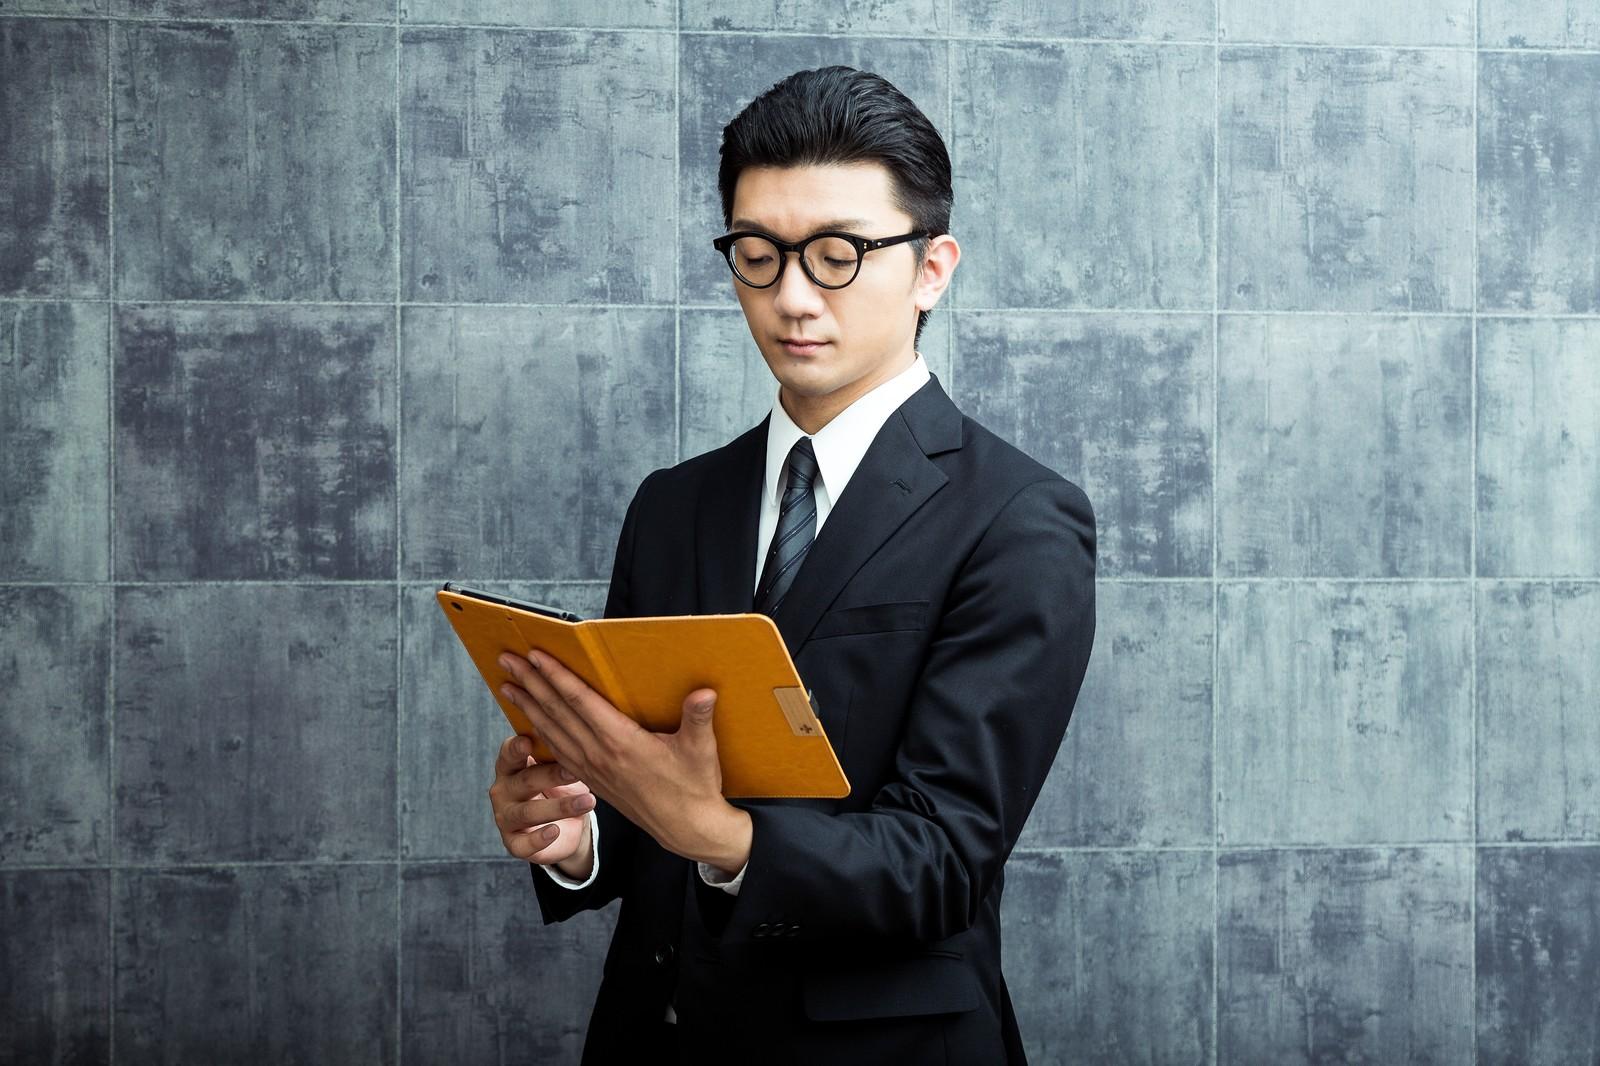 30歳ニートが転職活動に成功し取締役に出世した話